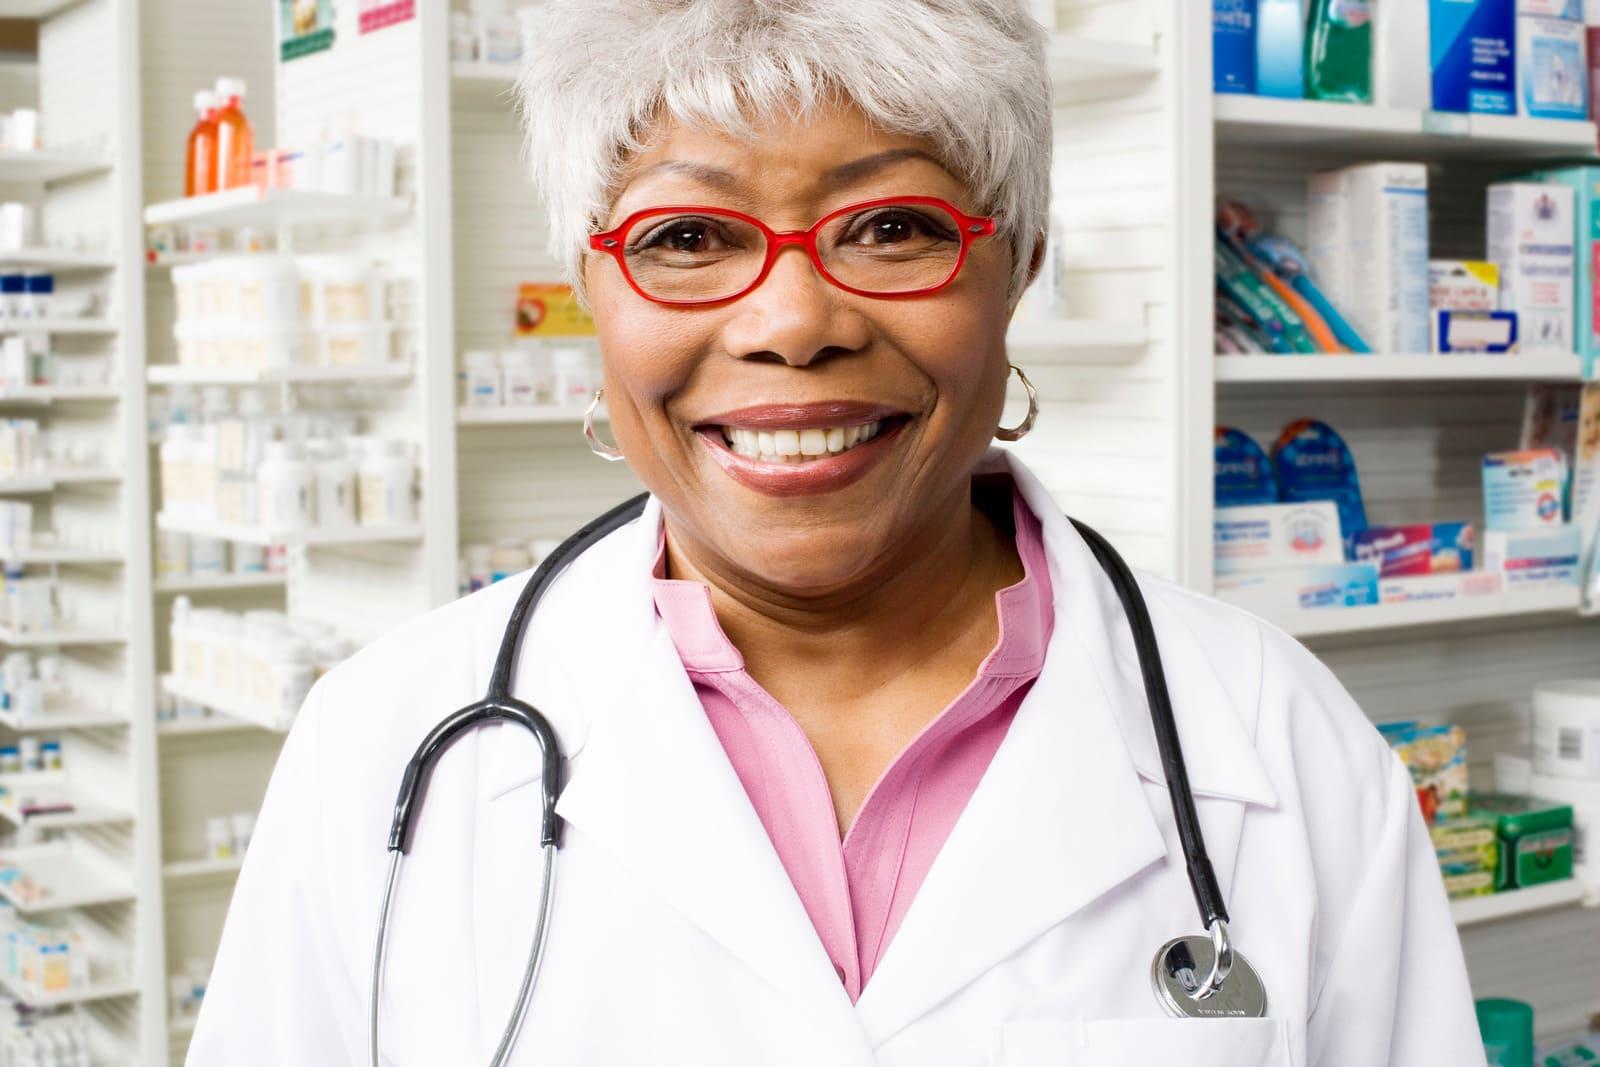 A imagem mostra uma operadora de caixa de farmácia sorrindo para a foto.